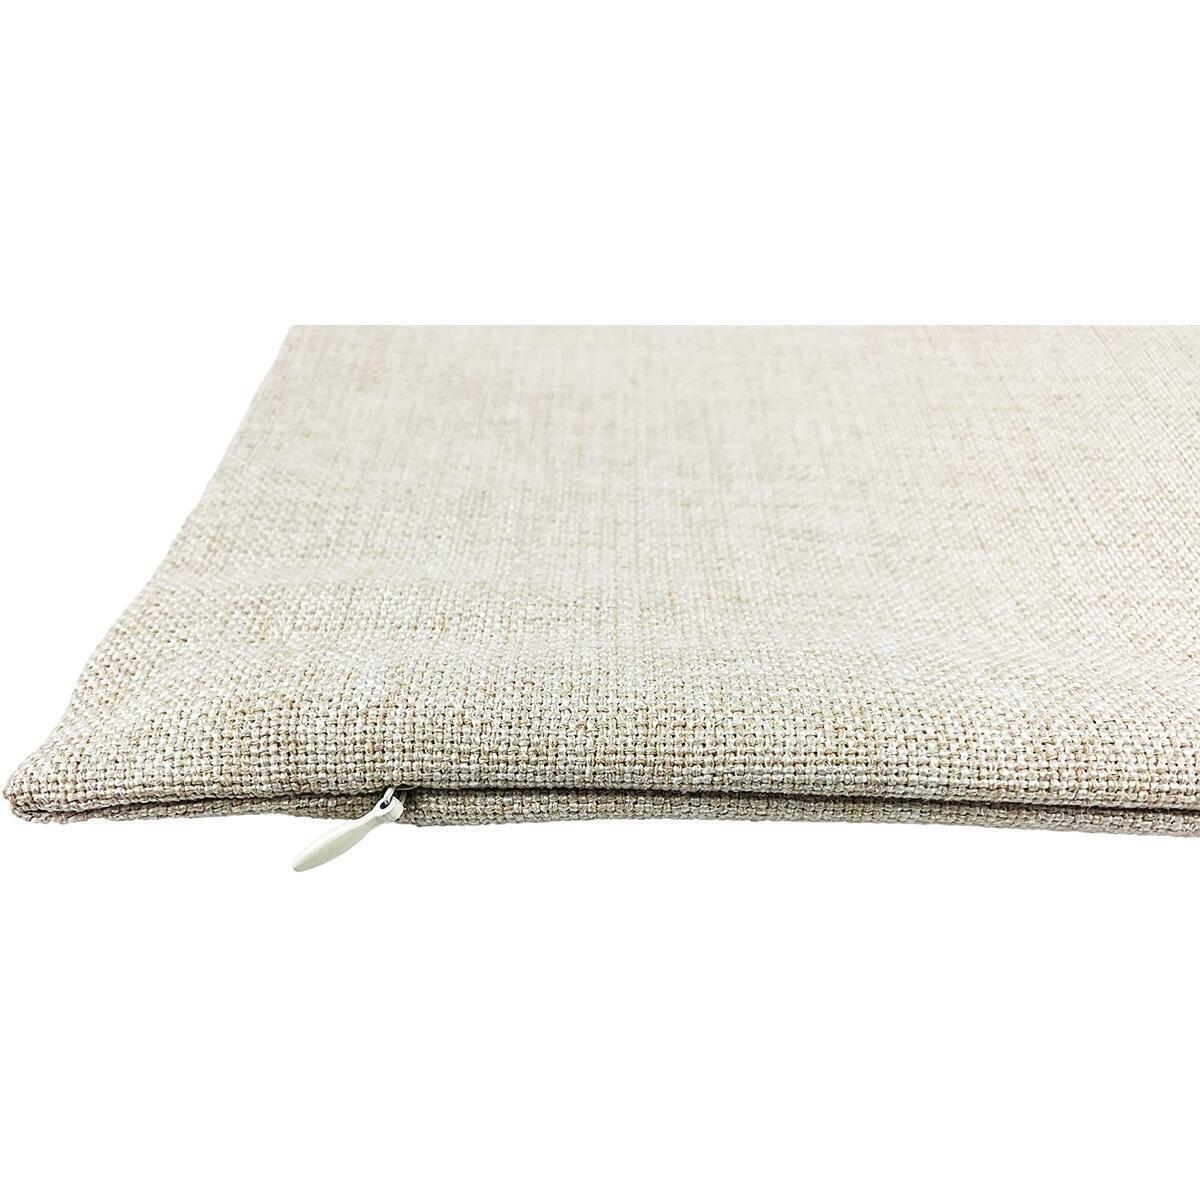 DrupsCo 18x18 California Pillow Cover - Cotton Linen California Throw Pillow Case, California Decorative Pillow